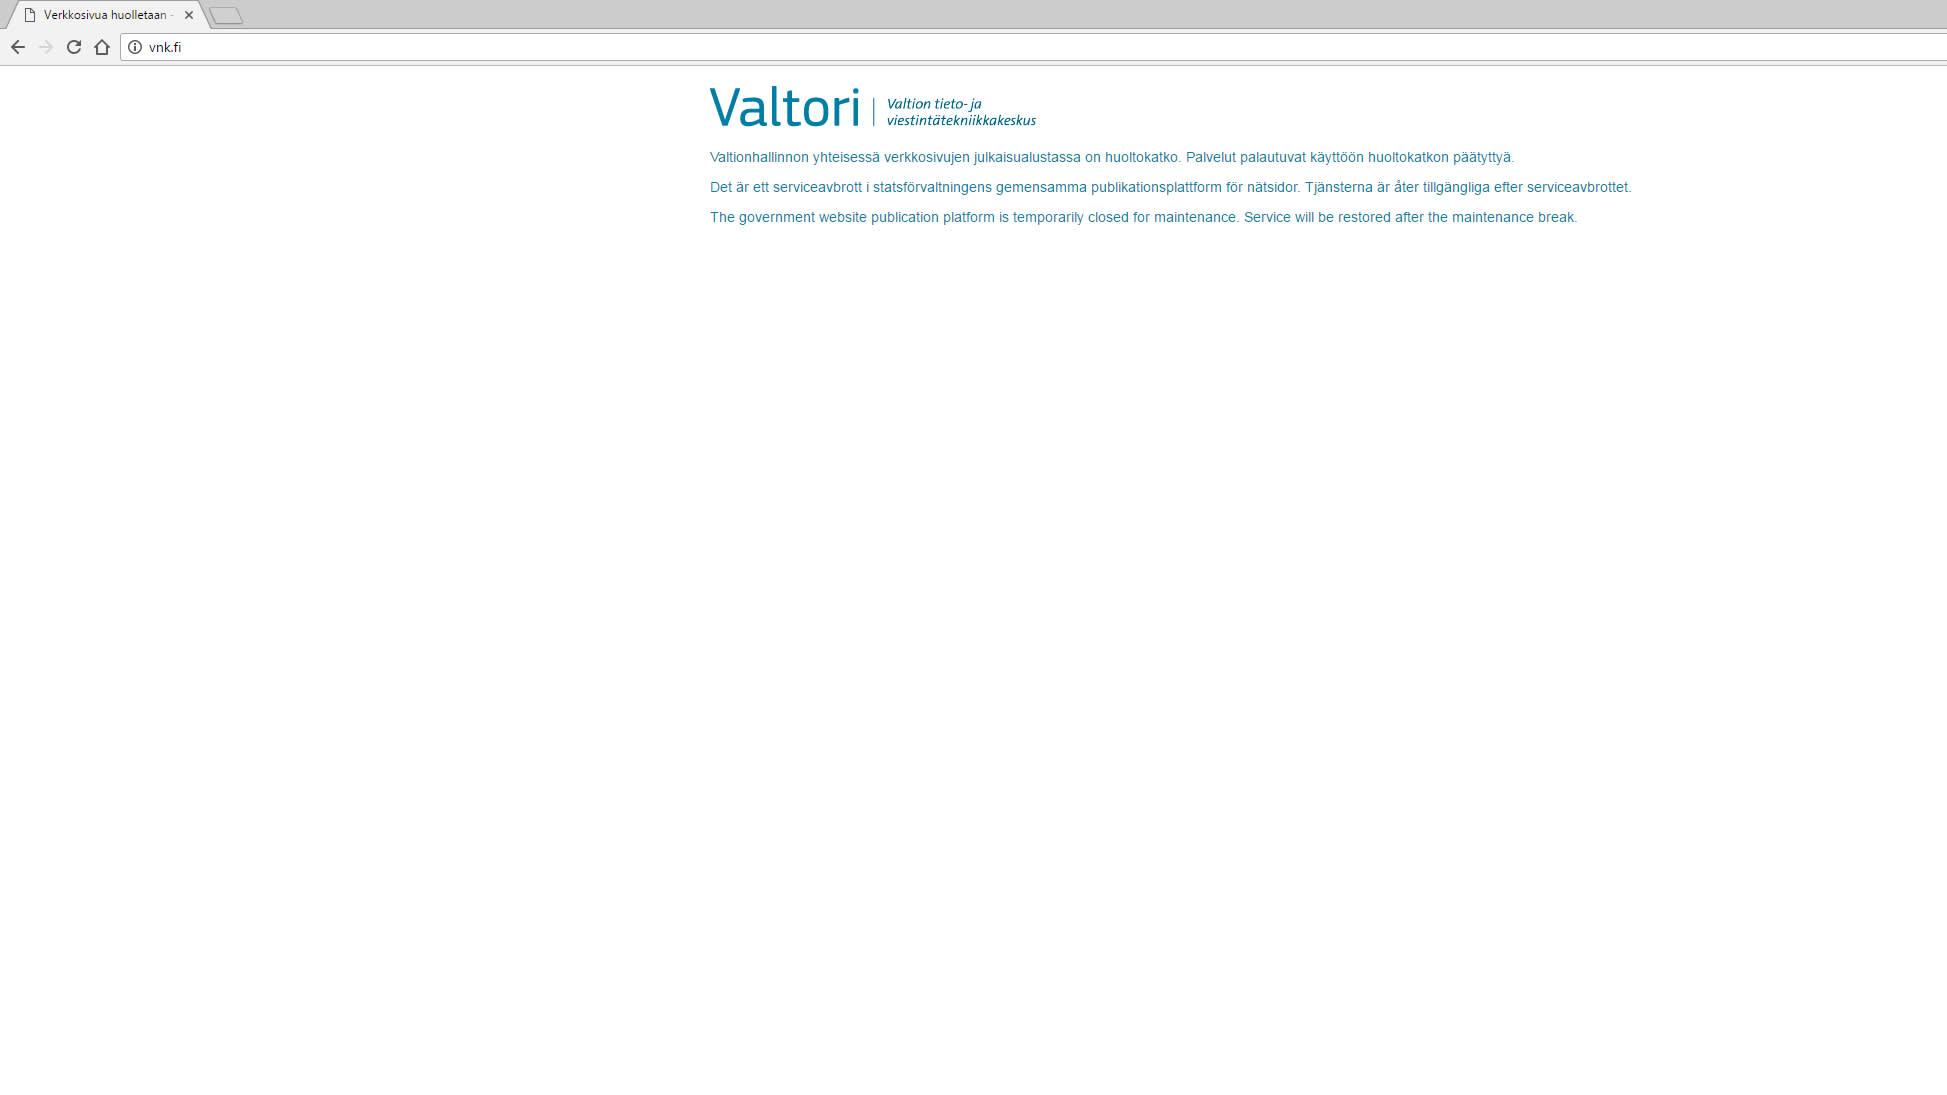 Ilmoitus huoltokatkosta vnk.fi-sivustolla 4. marraskuuta.